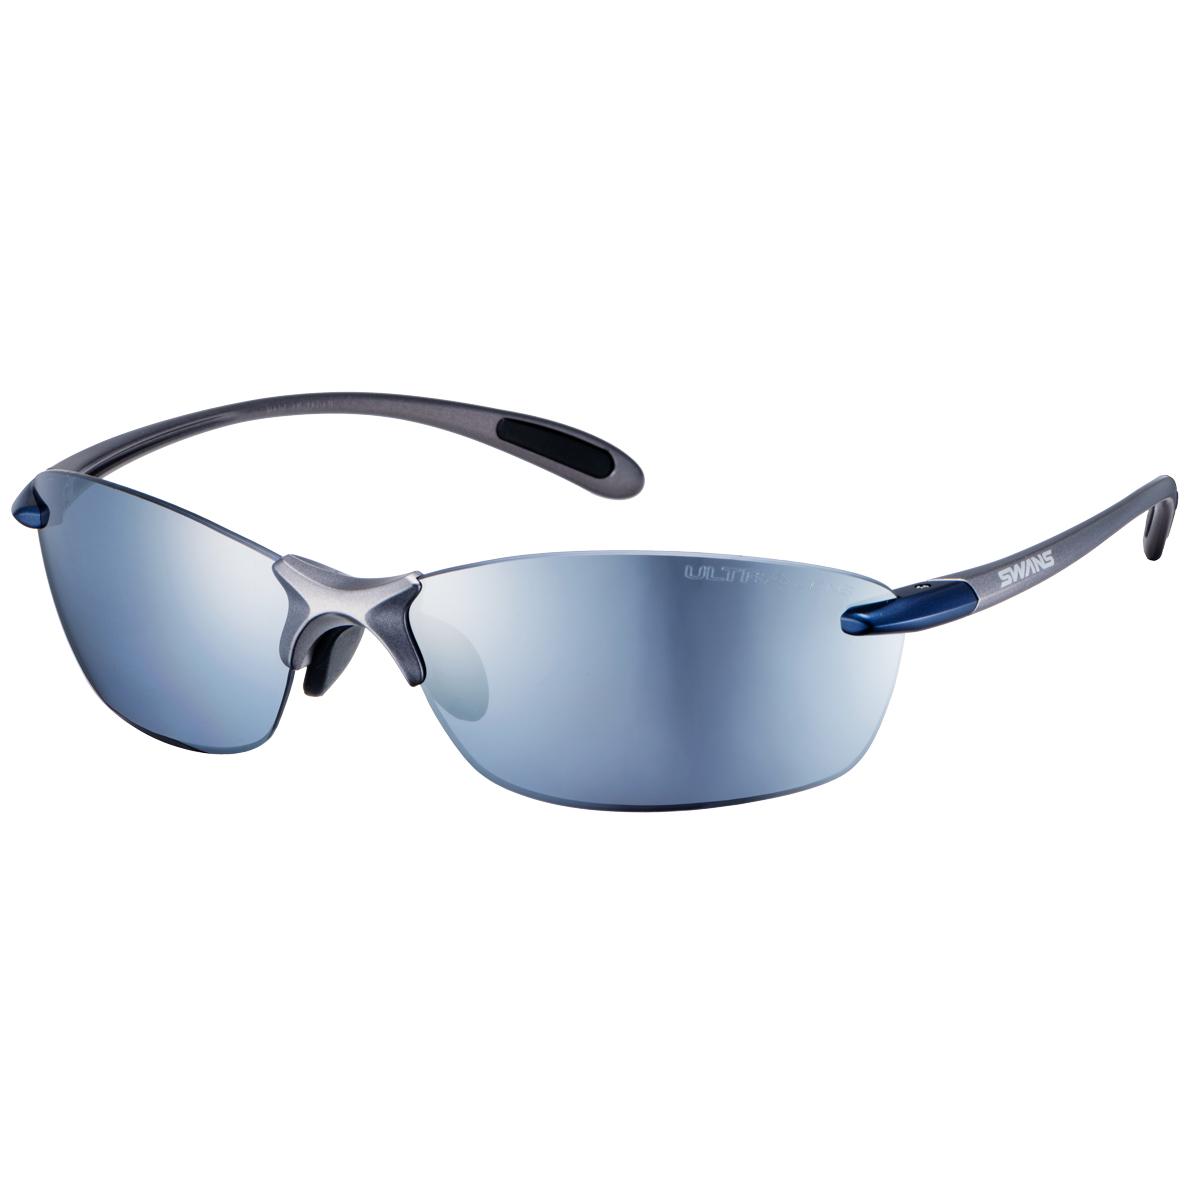 SWANS (スワンズ) サングラス SALF-0767 BLGM (マットガンメタリック×ダークガンメタリックブルー) Airless-Leaf fit エアレス・リーフフィット ULTRA for GOLFモデル 3136013001304